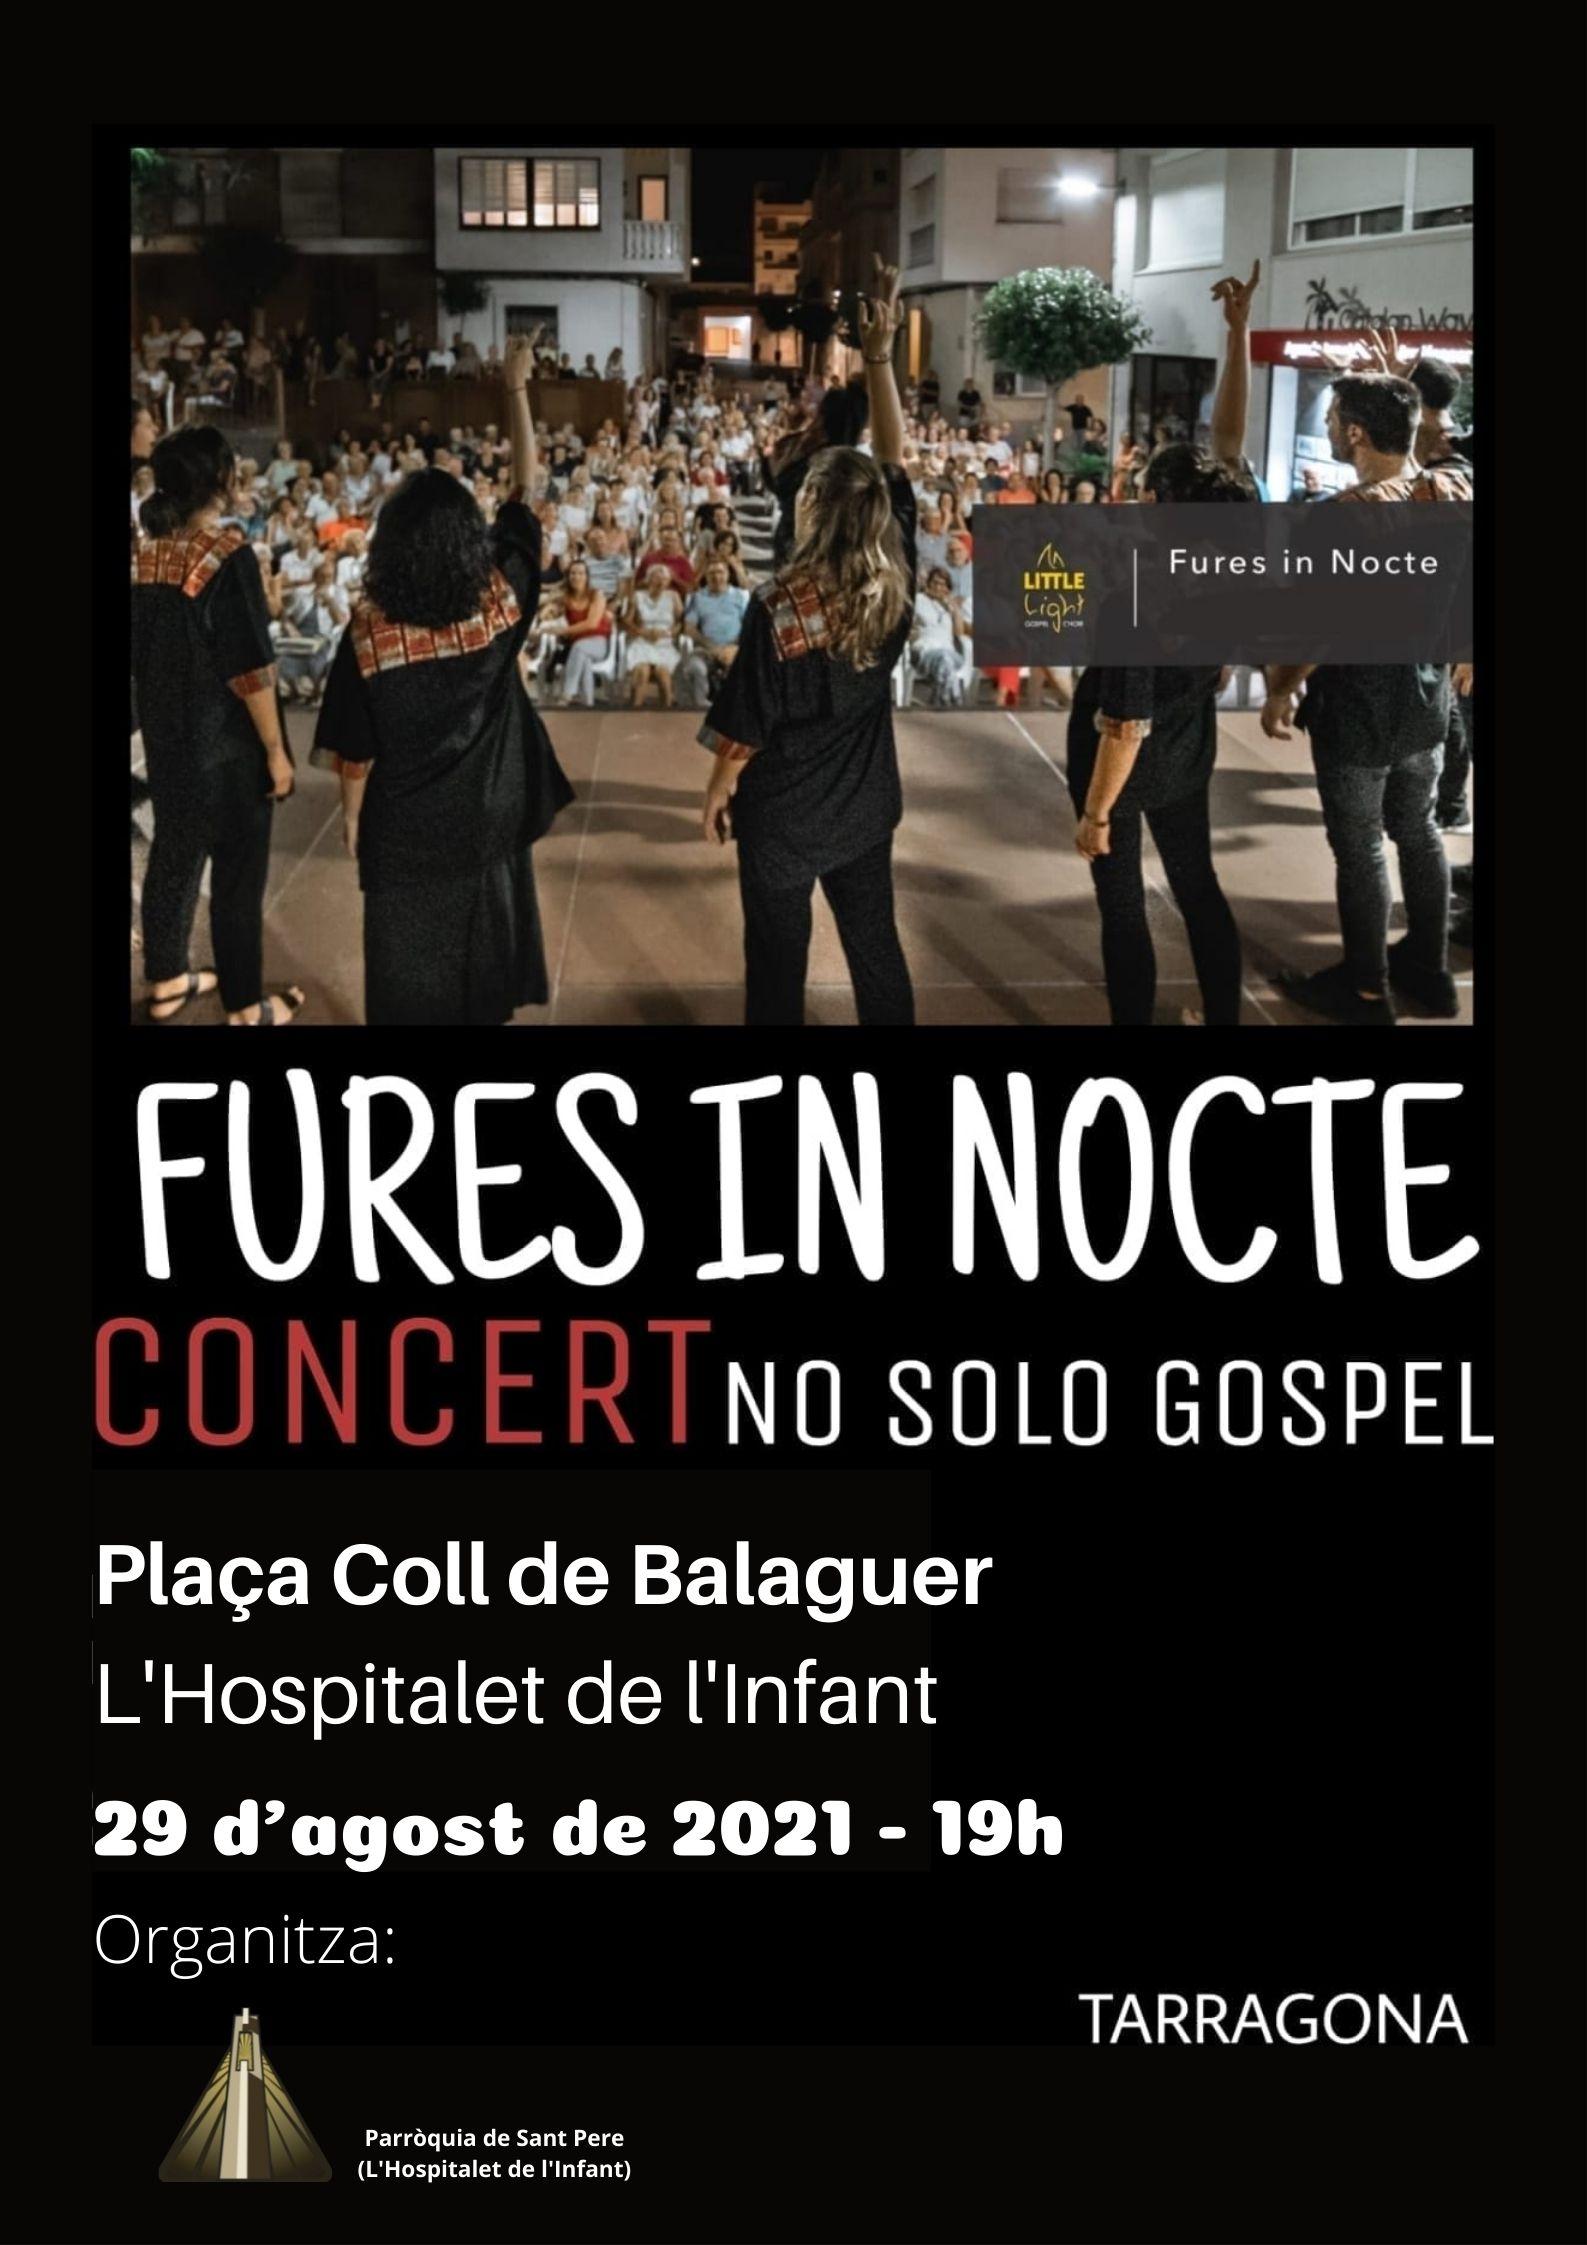 """Concert de gòspel """"Fures in Nocte"""" , el 29/08/2021, a les 19 h, a l'Hospitalet de l'Infant"""